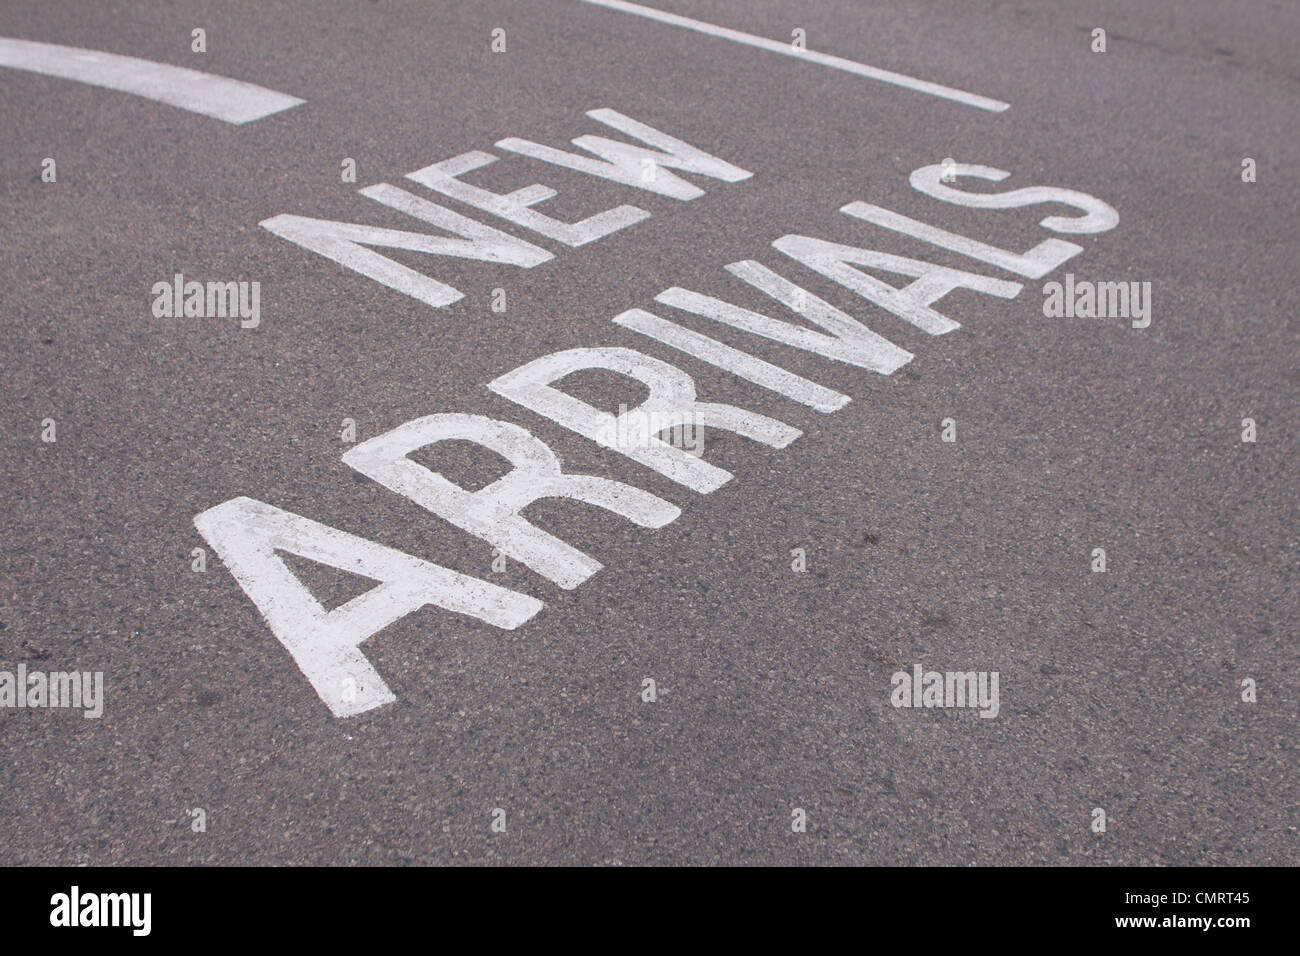 Neue Ankünfte Straße Markierung am Eingang zum Campingplatz in Großbritannien. Stockbild